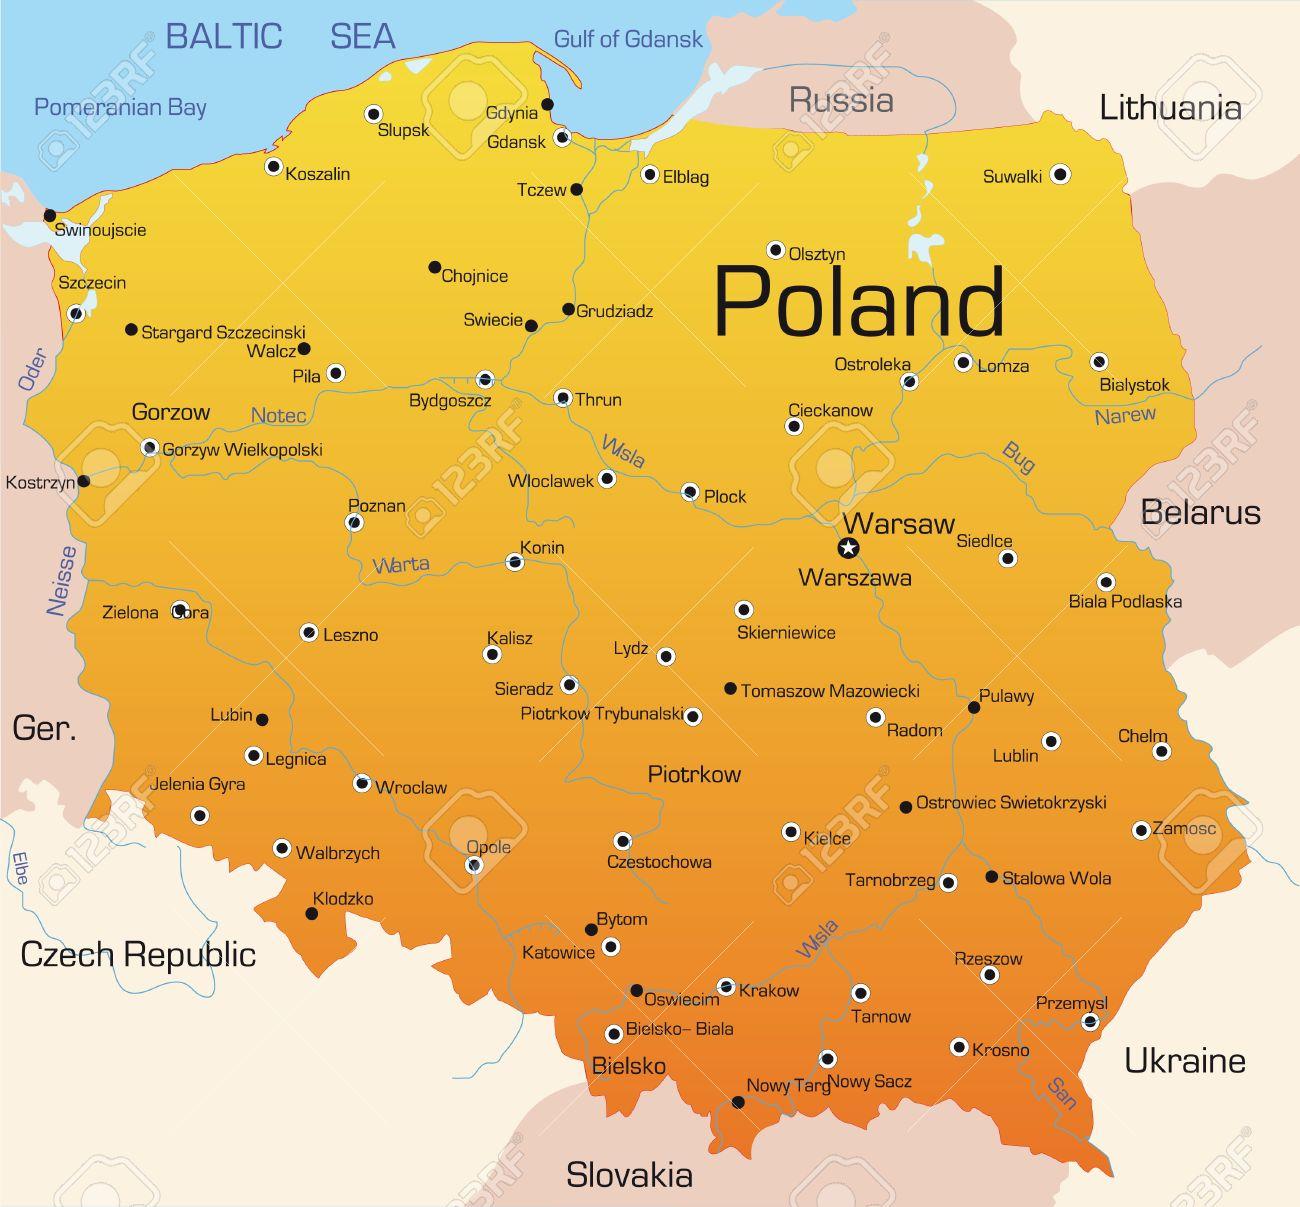 Κρόσνο: Μία πολωνική πόλη από γυαλί